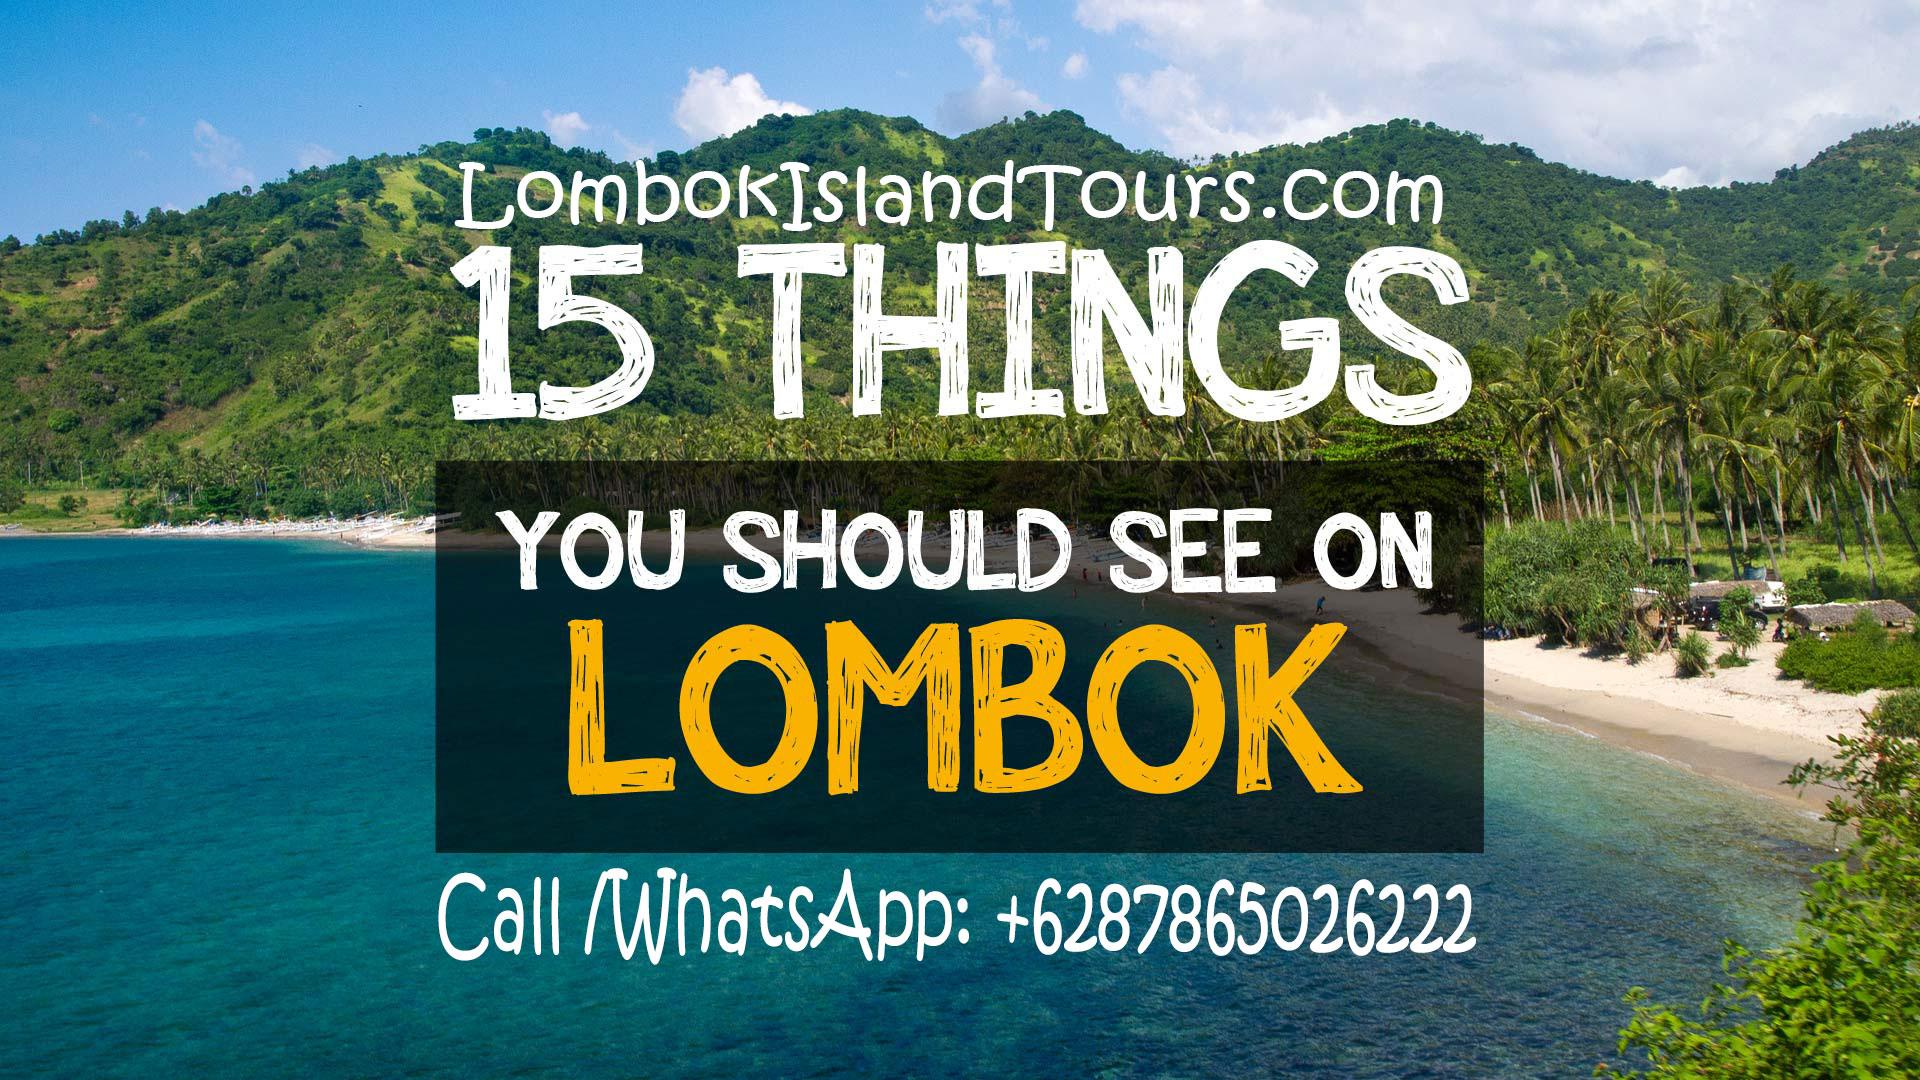 8 Tempat Wisata Terindah Di Pulau Lombok Discount Tour Paket Liburan Yang Merupakan Destinasi Paling Populer Provinsi Nusa Tenggara Barat Banyak Wisatawan Lokal Maupun Dari Mancanegara